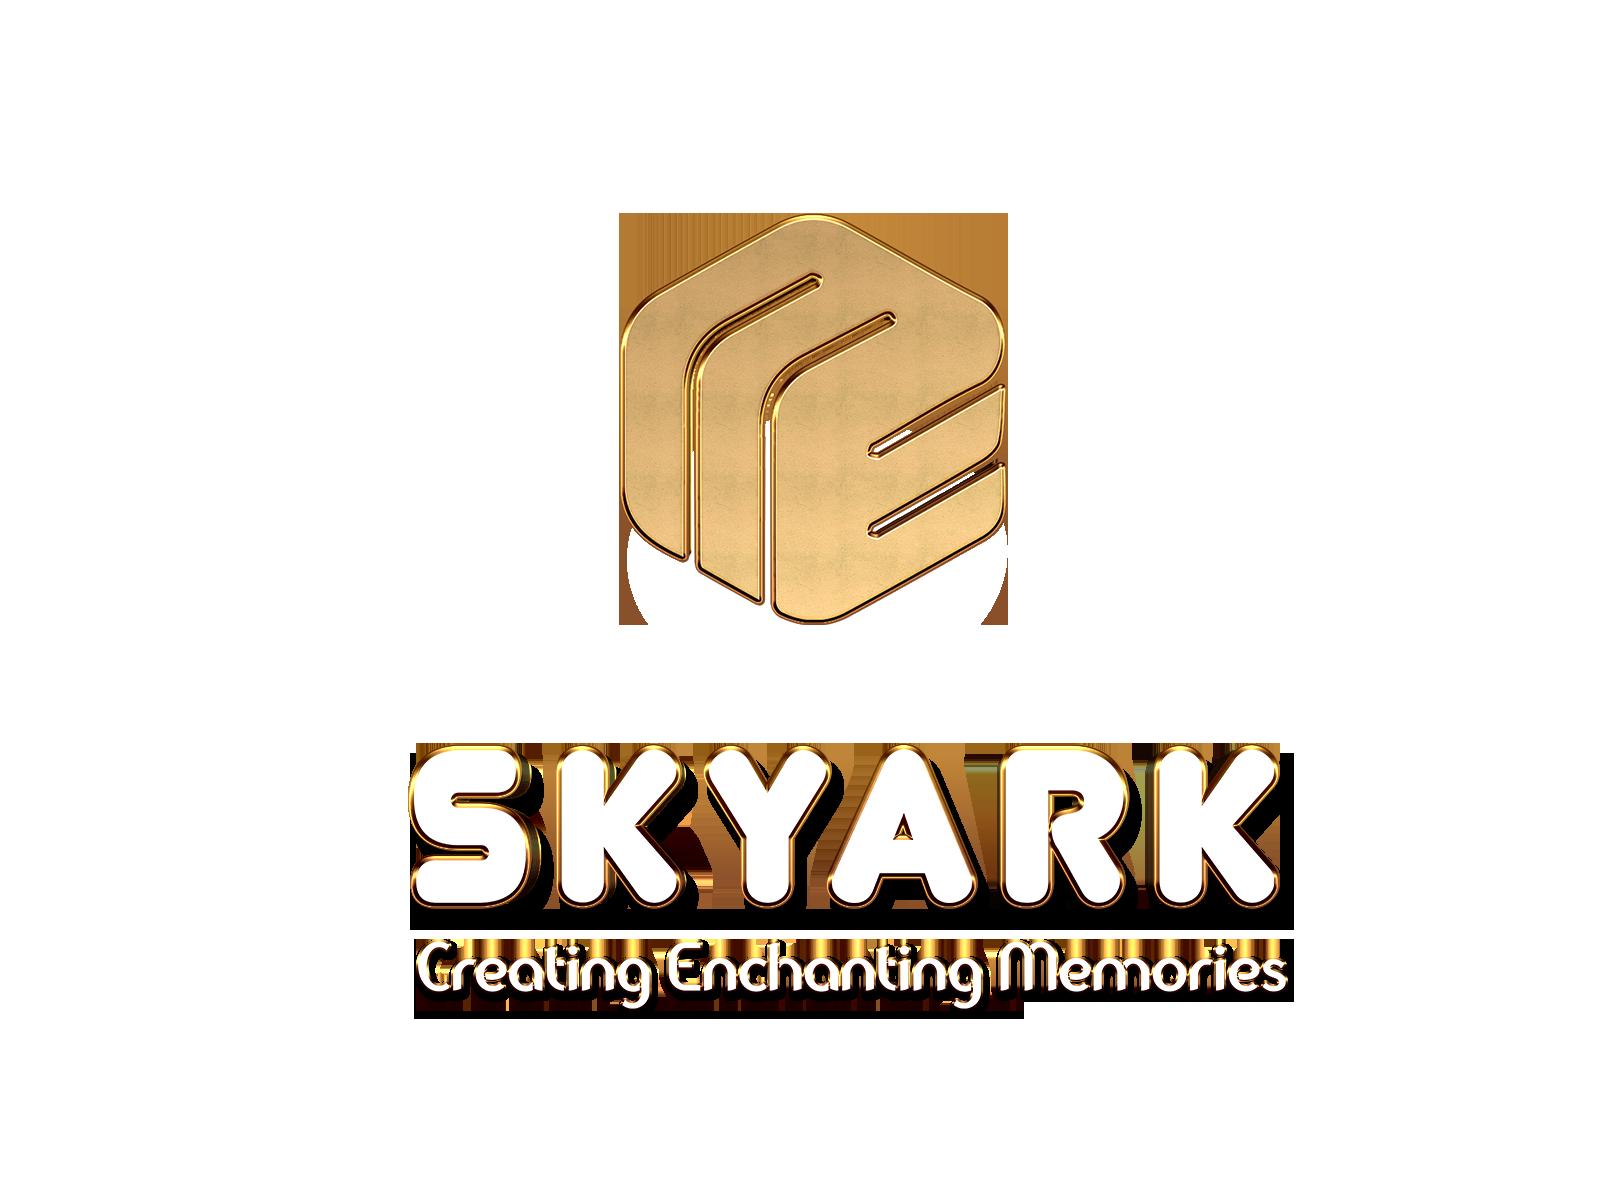 SKYARK transparent-bg-logo